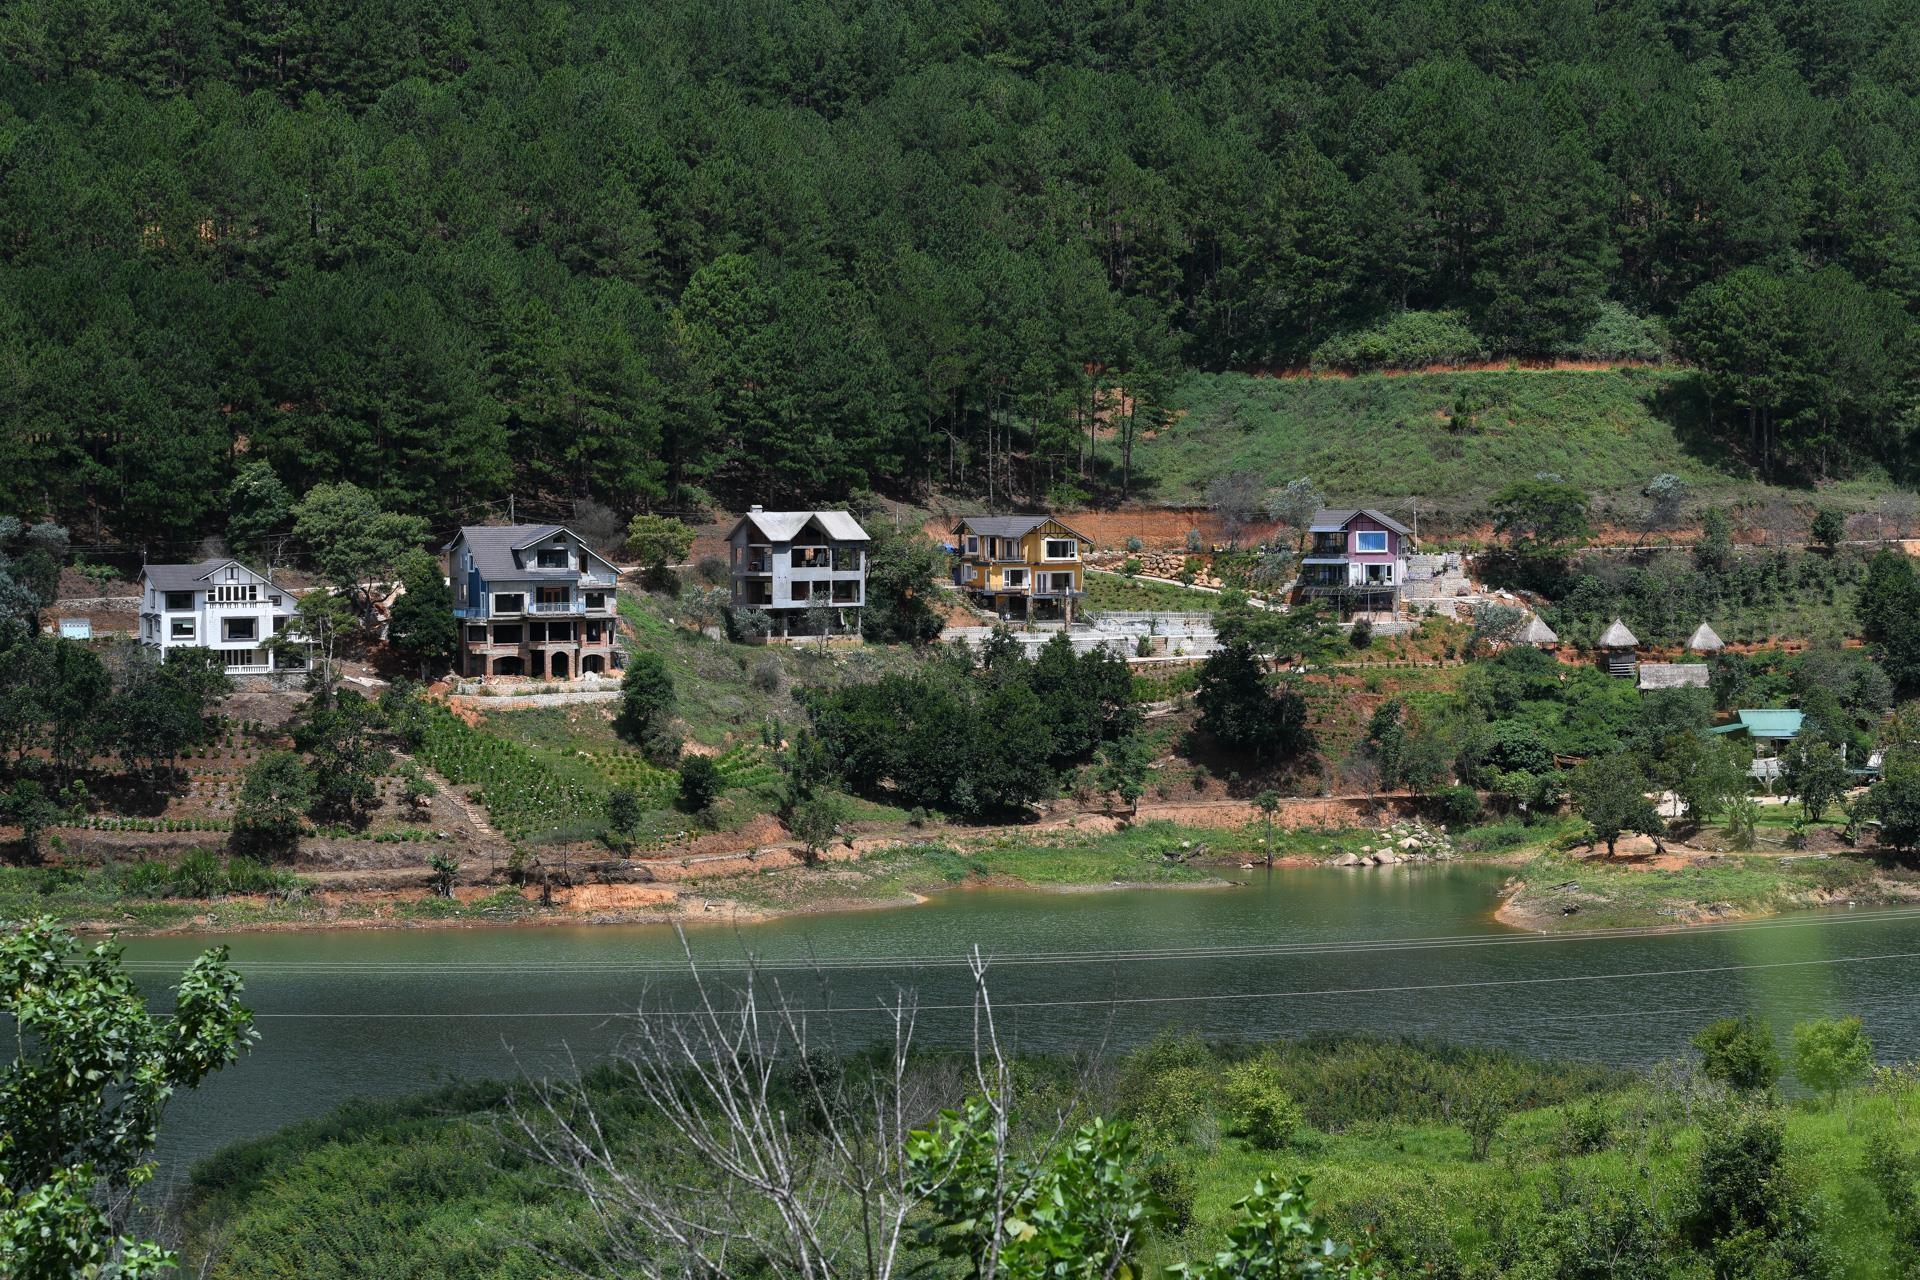 Nhiều dự án bất động sản sai phạm 'bao vây' hồ Tuyền Lâm ở Đà Lạt - Ảnh 14.